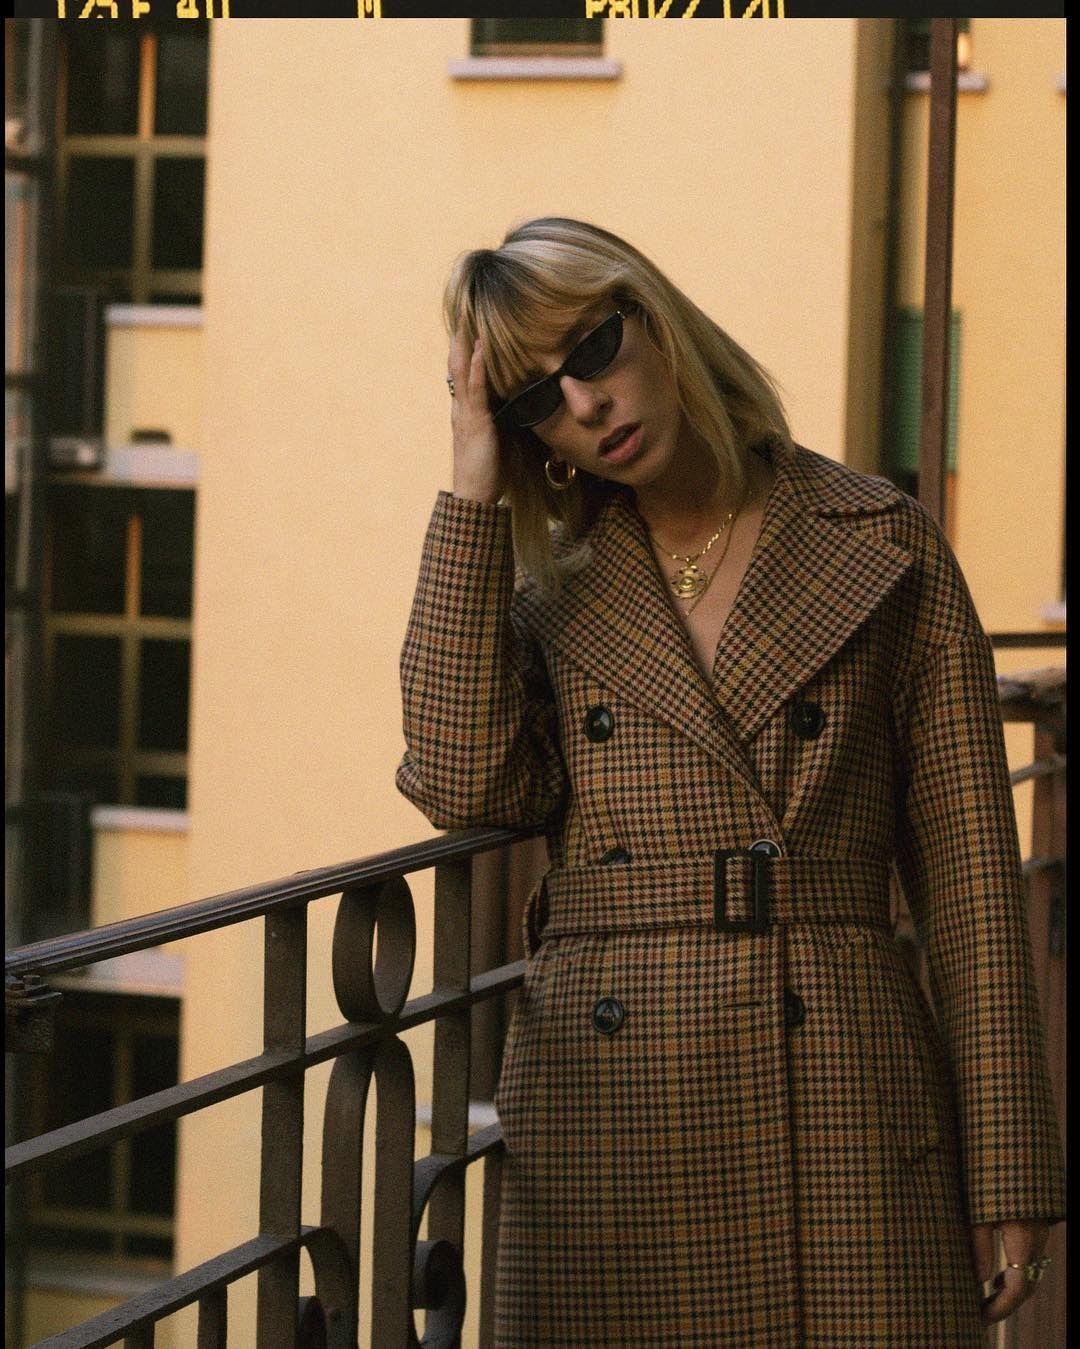 e715719fb25f Veronica Giomini spotted in our Signature Mini Cat-eye Sunglasses ...